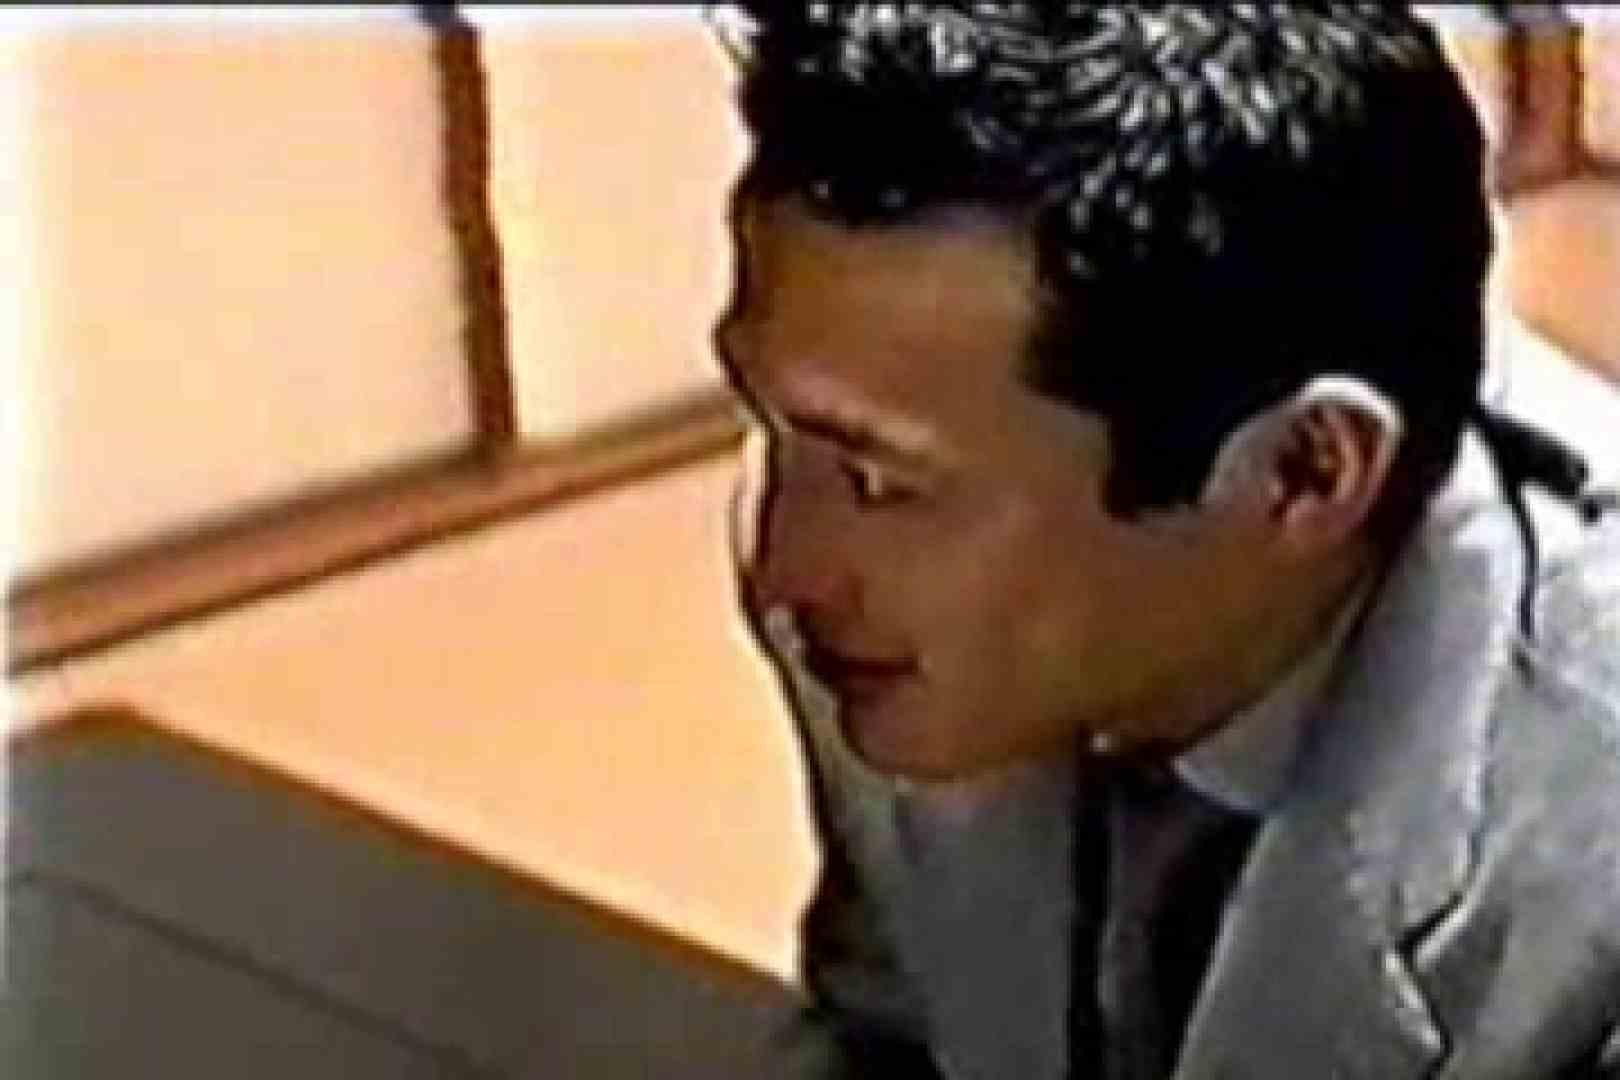 発掘!!10年前のVHSお宝ゲイ動画!! 口穴串挿し ゲイフリーエロ画像 71pic 60